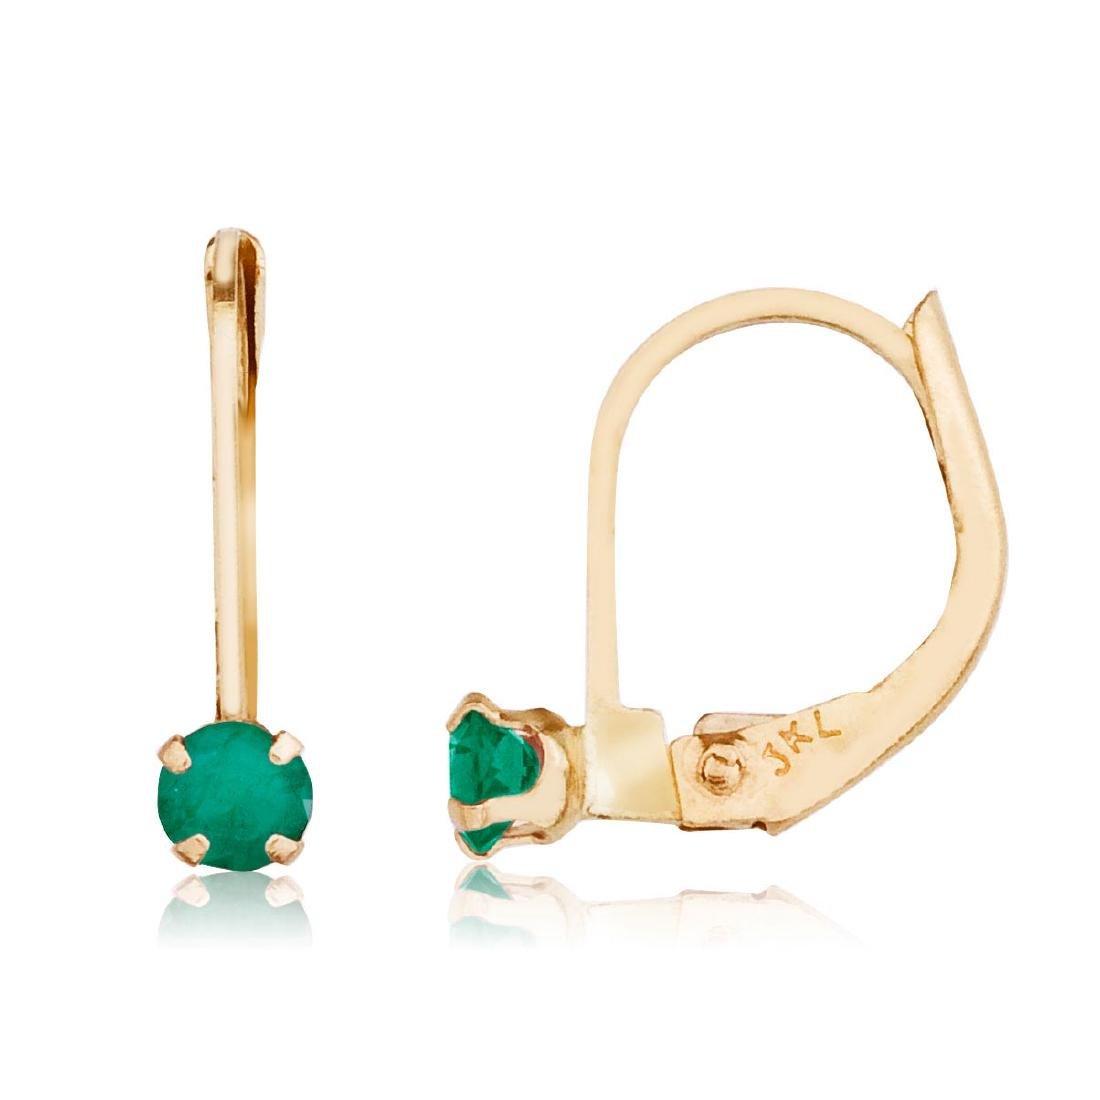 Certified 14k Petite Emerald Leverback Earrings 0.18 CT